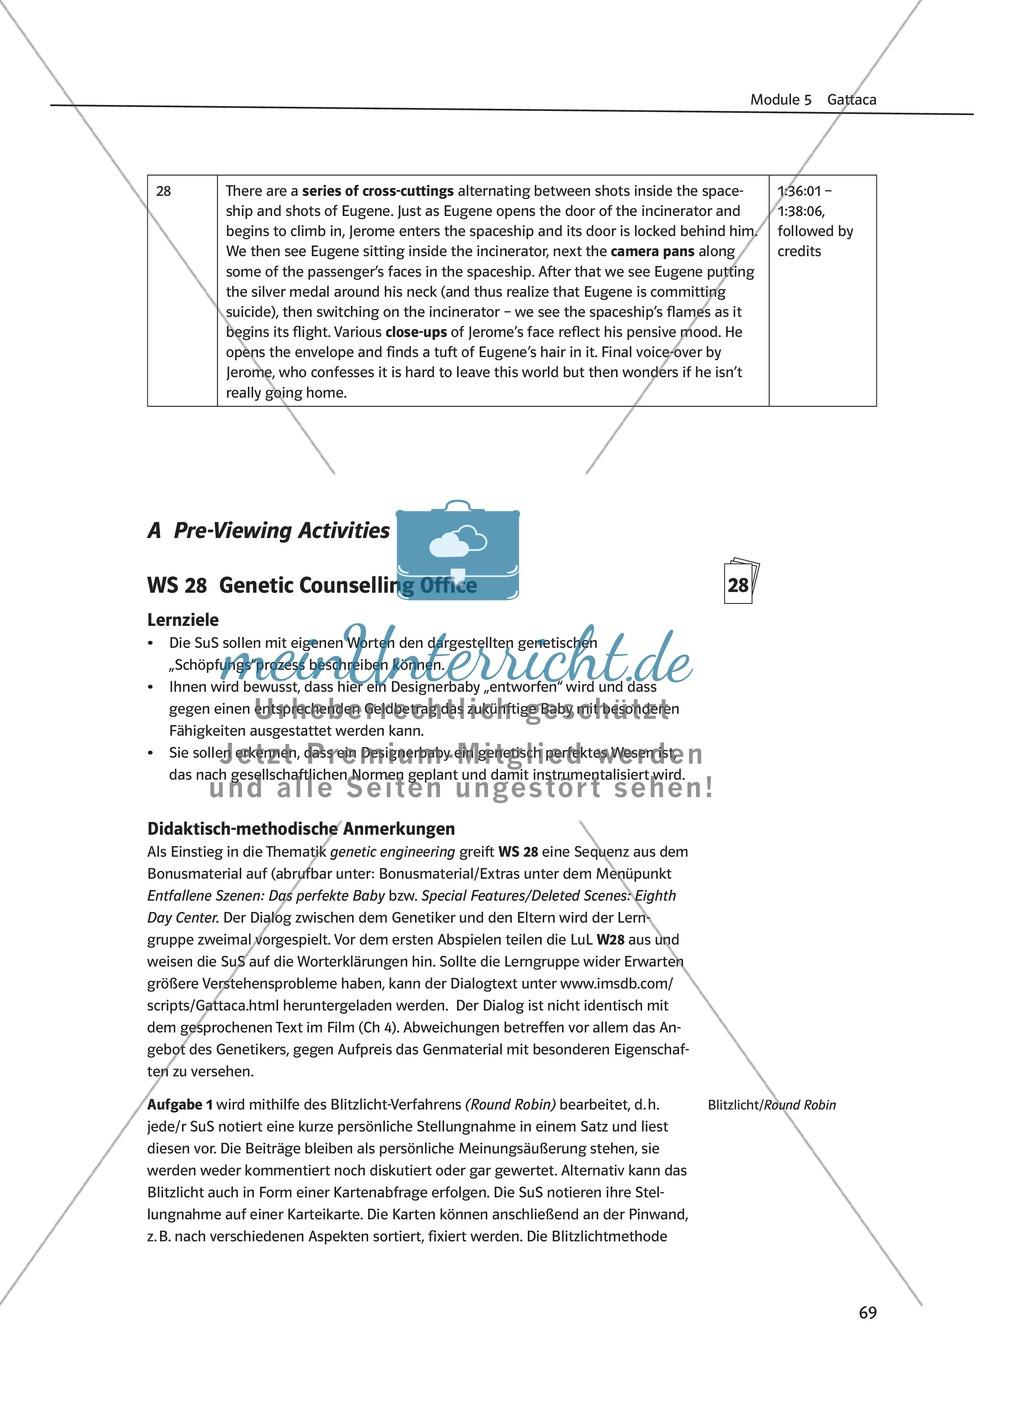 Gattaca - Allgemeine Informationen und Szenenprotokoll - Übersicht über Inhalt und Kameraeinstellungen Preview 6